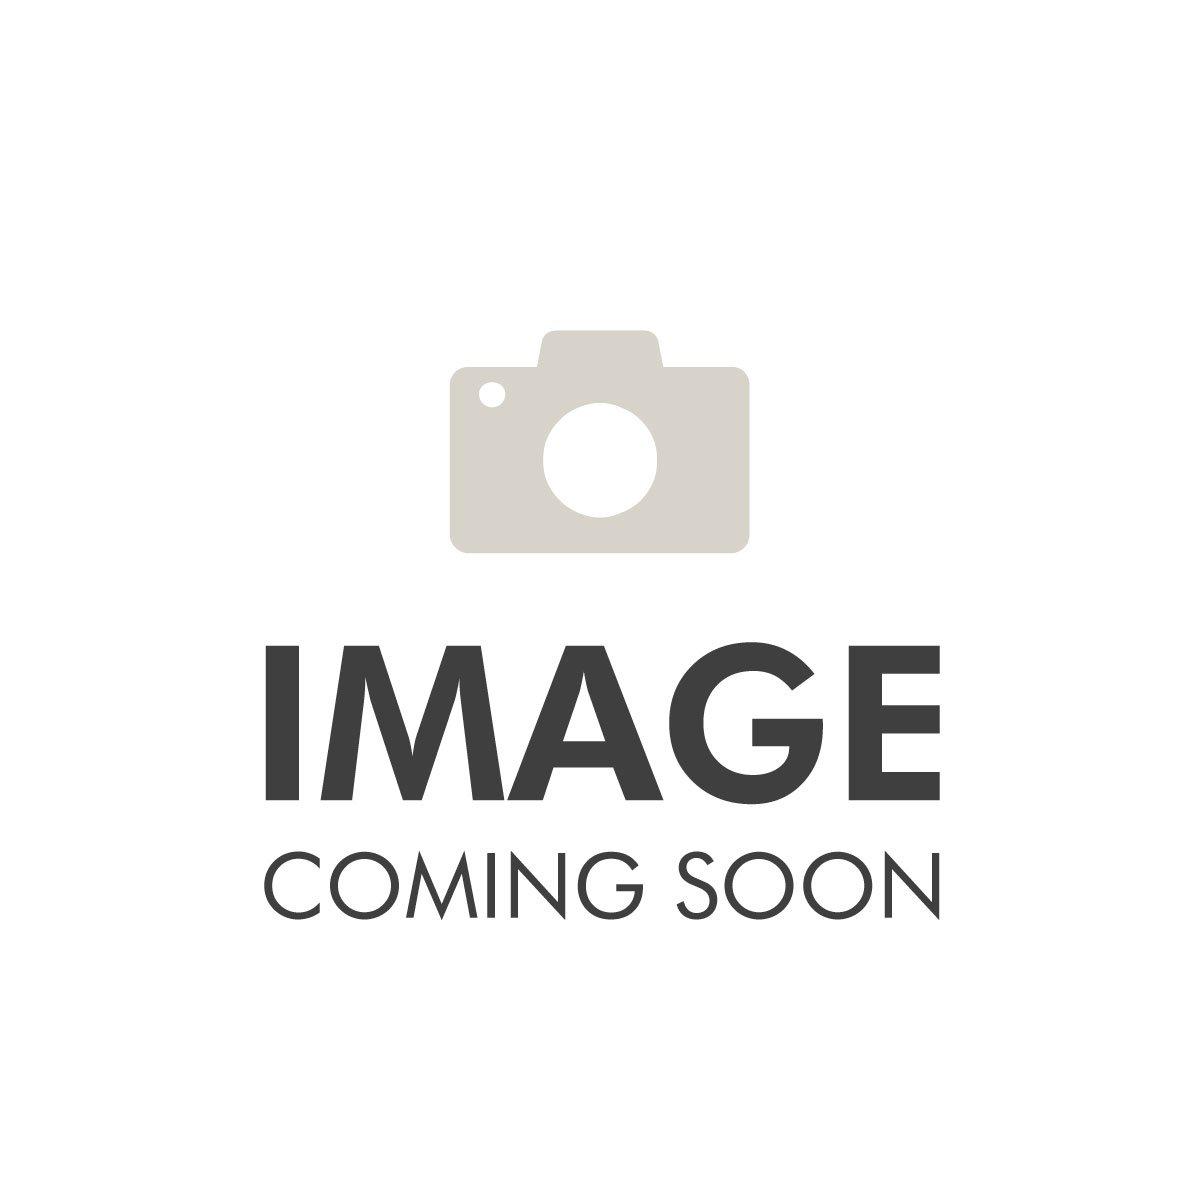 Schermasport - Vis de pointe de fleuret (10-Pack)